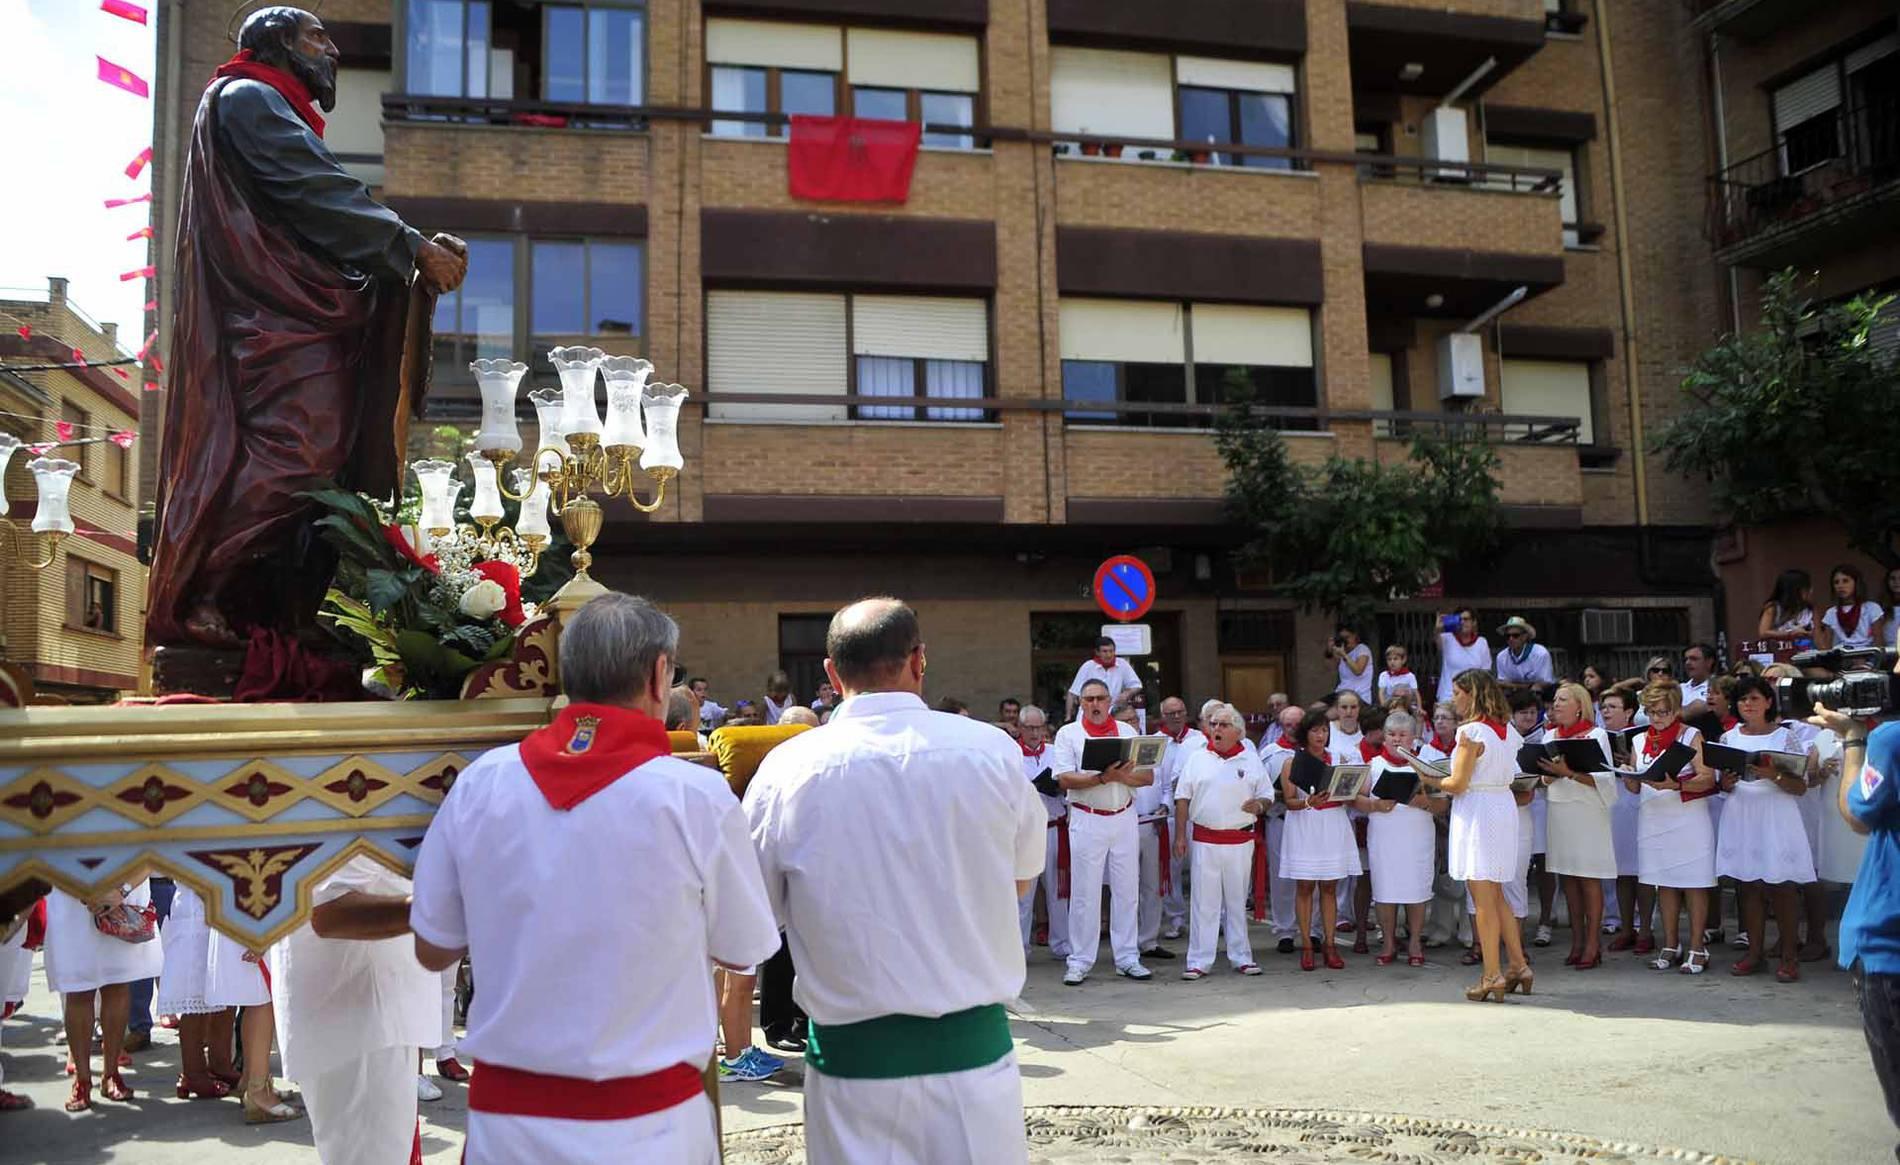 Día grande de las fiestas de Marcilla (1/20) - Imágenes de la procesión en honor a San Bartolomé en Marcilla. - Tafalla y Zona Media -